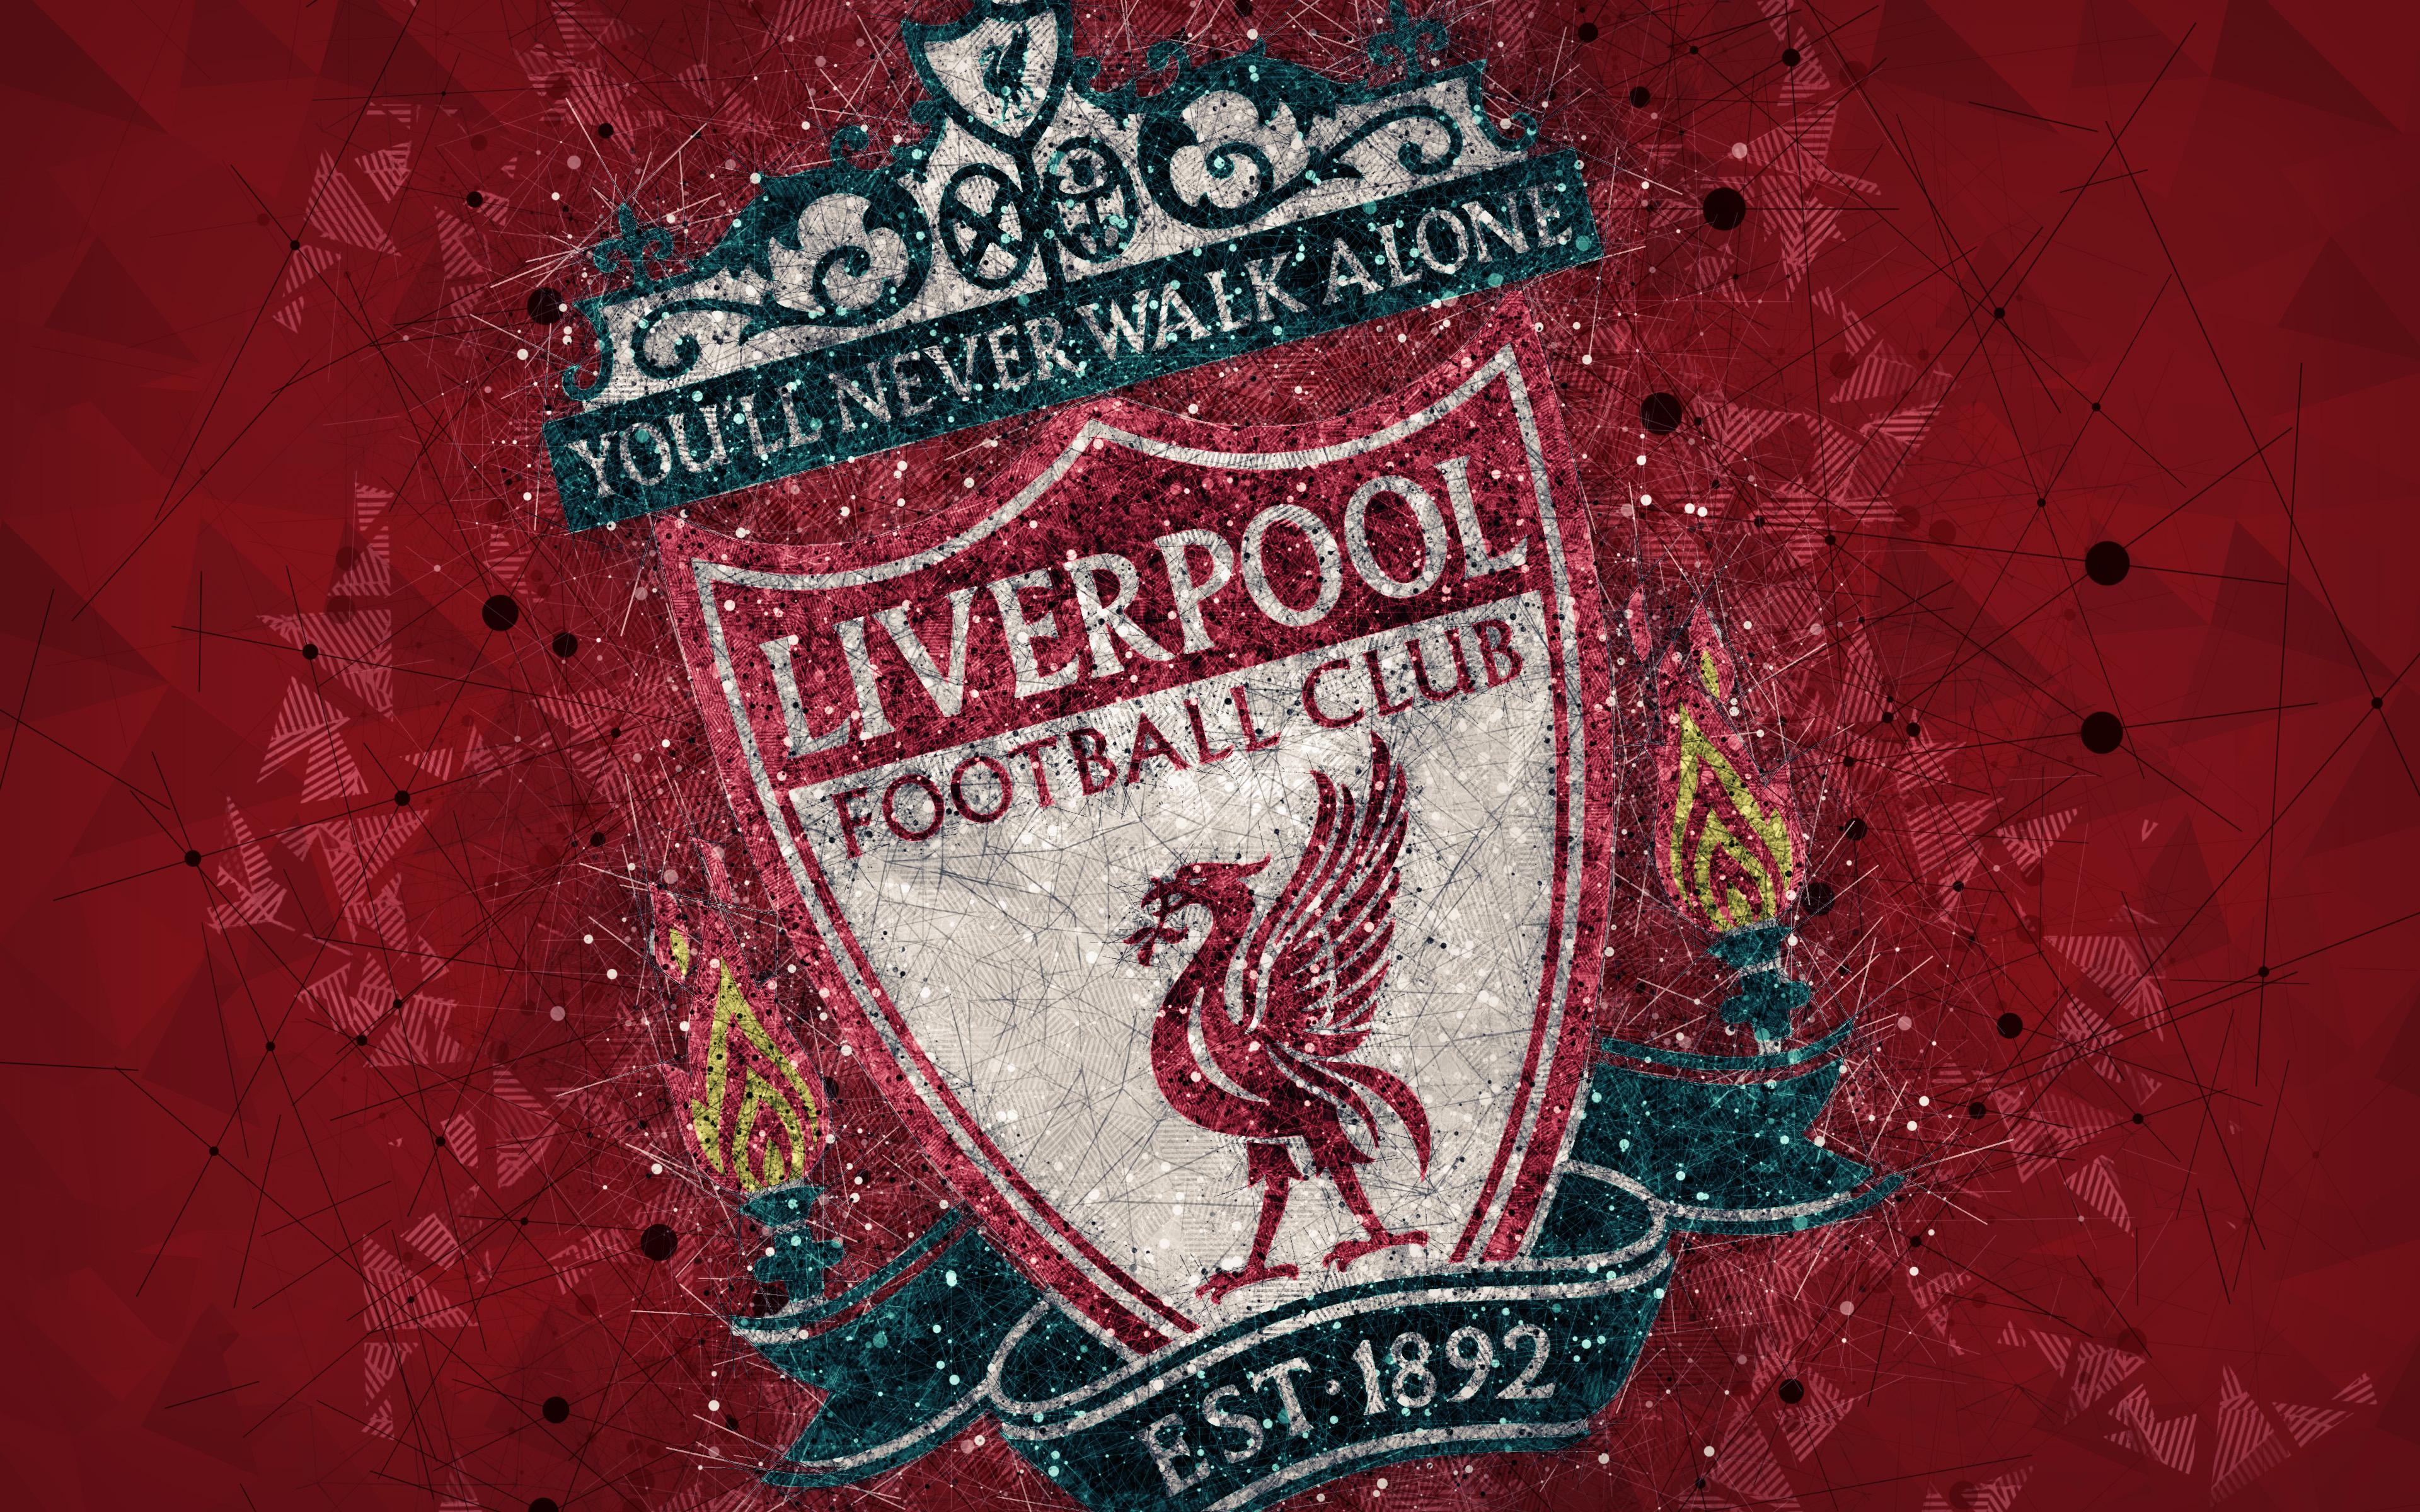 Tải ảnh nền logo clb Liverpool full HD